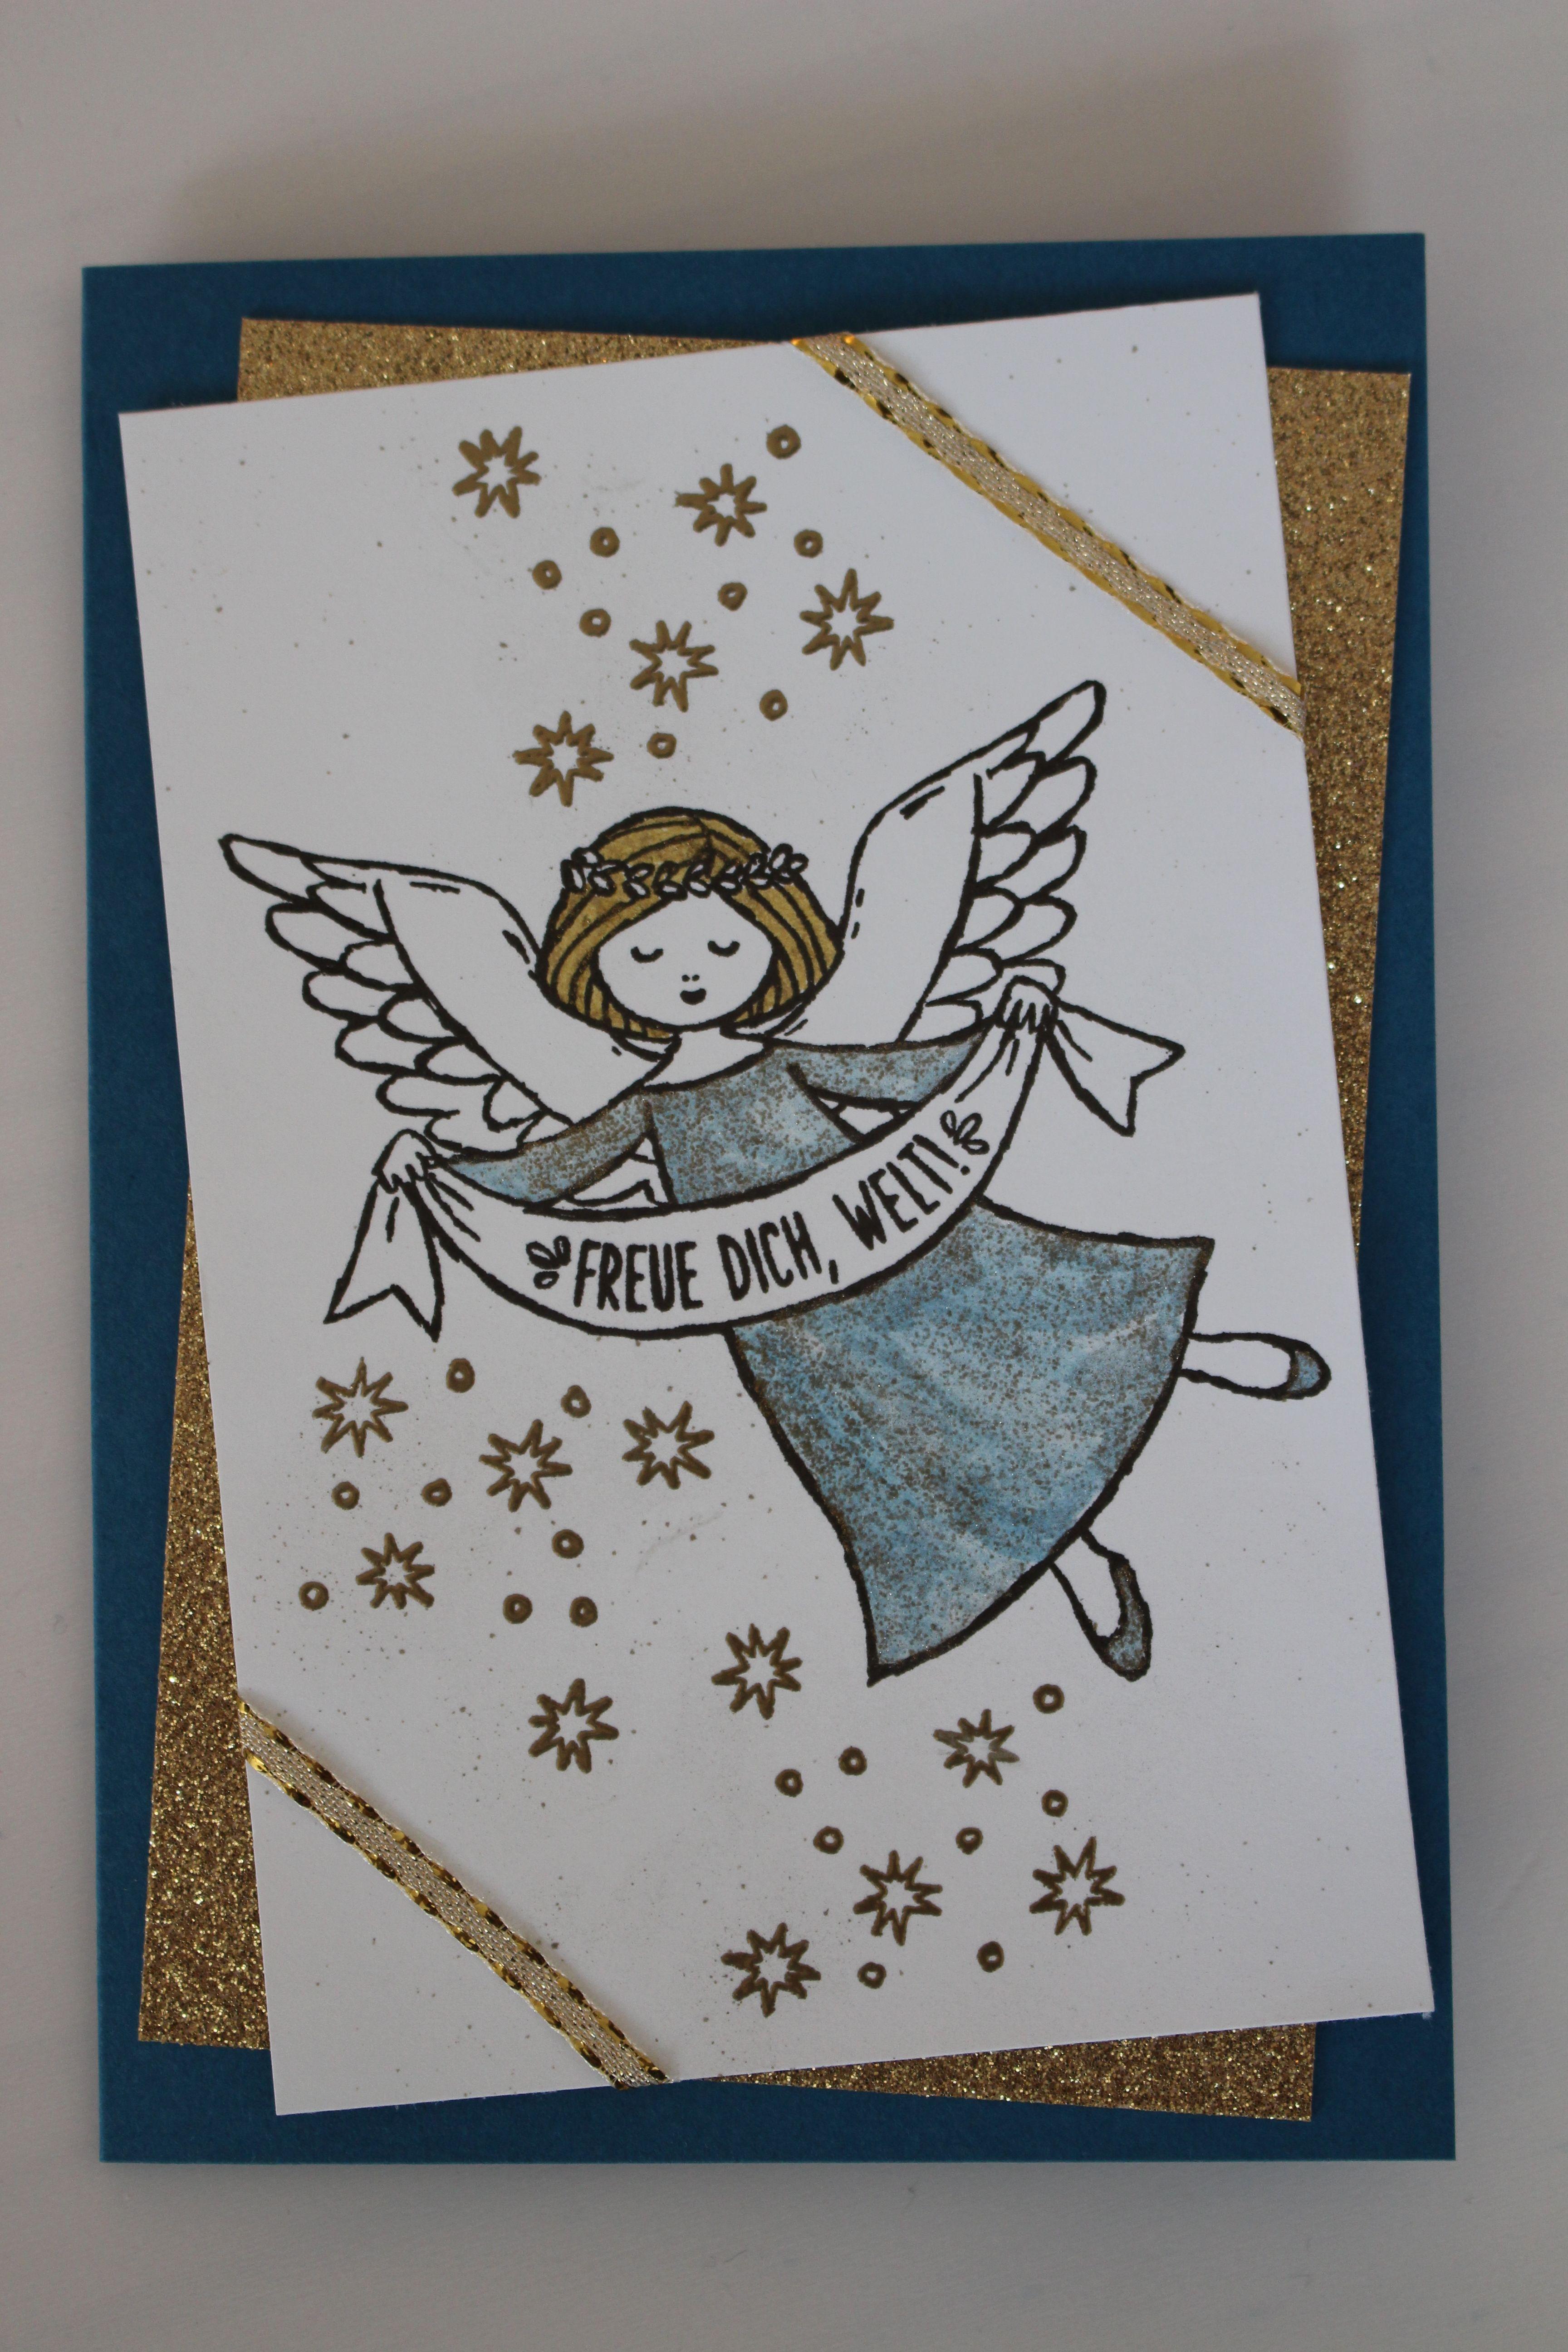 она рождественская открытка или поделка своими руками чтобы размер кисти